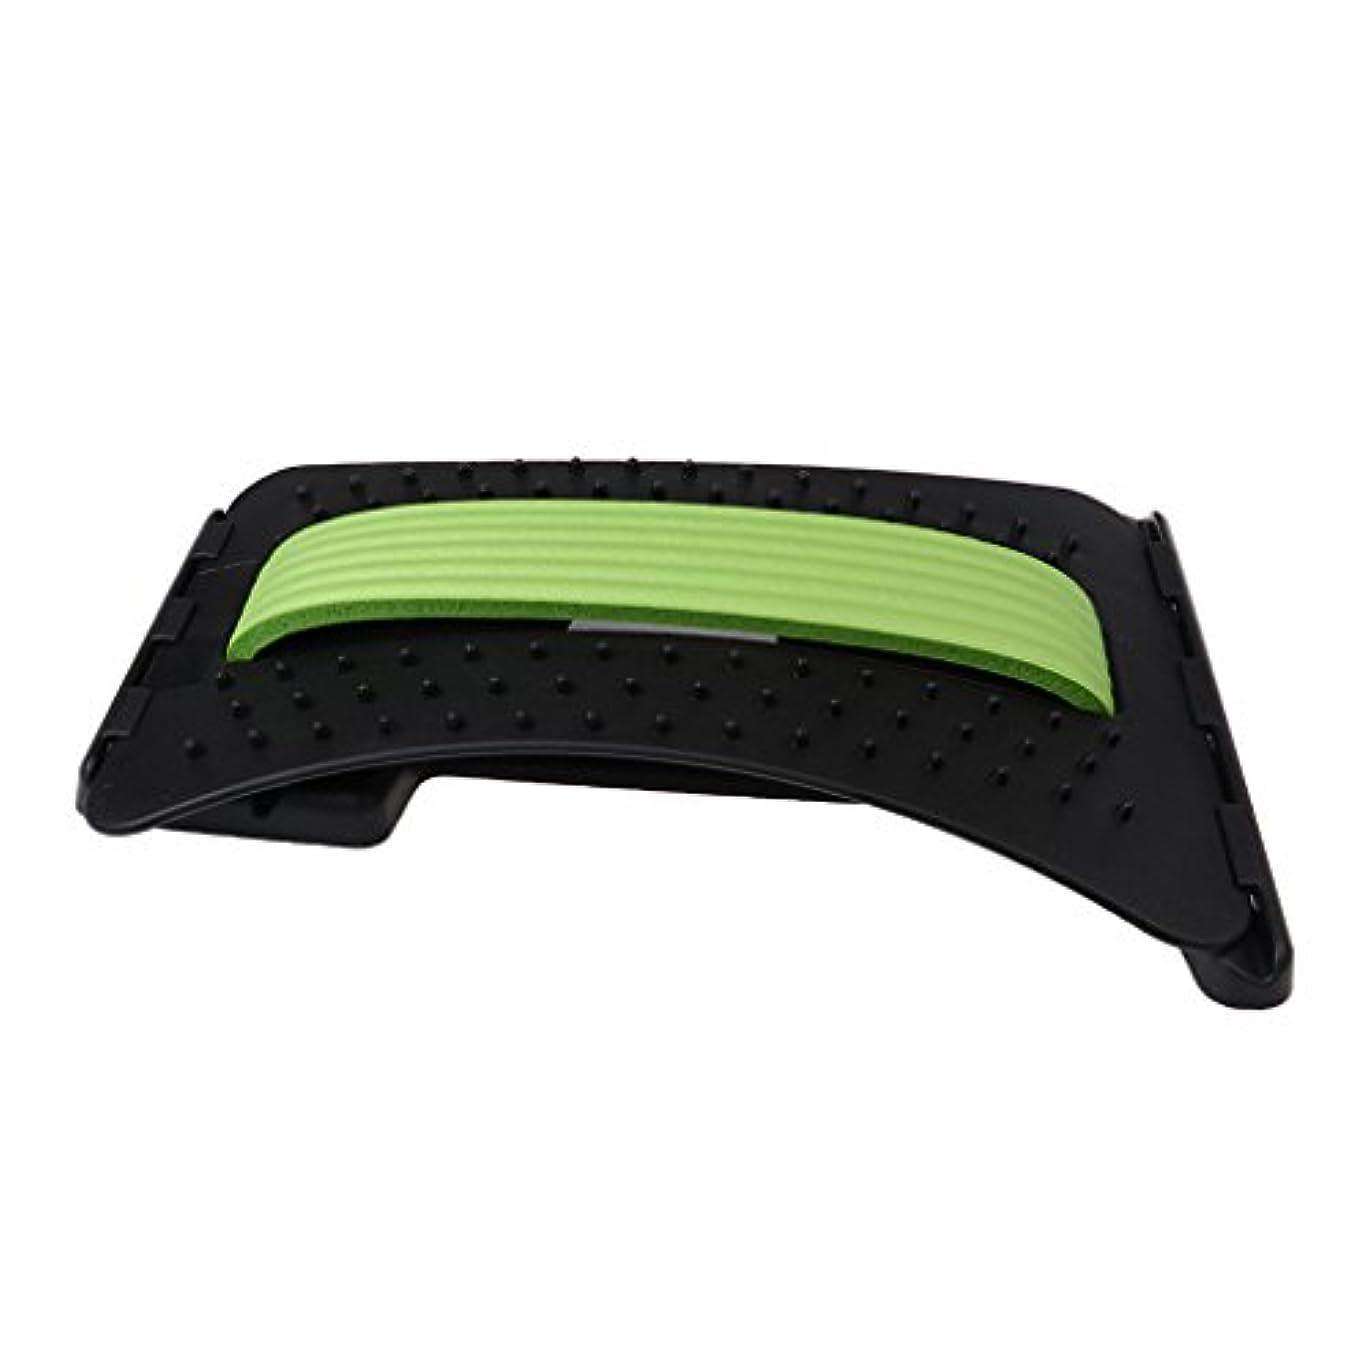 情緒的信頼できる辞任Baosity バックストレッチャー 3段階調整 ABS製 リラックス ユニーク デザイン 3色選べる - 緑